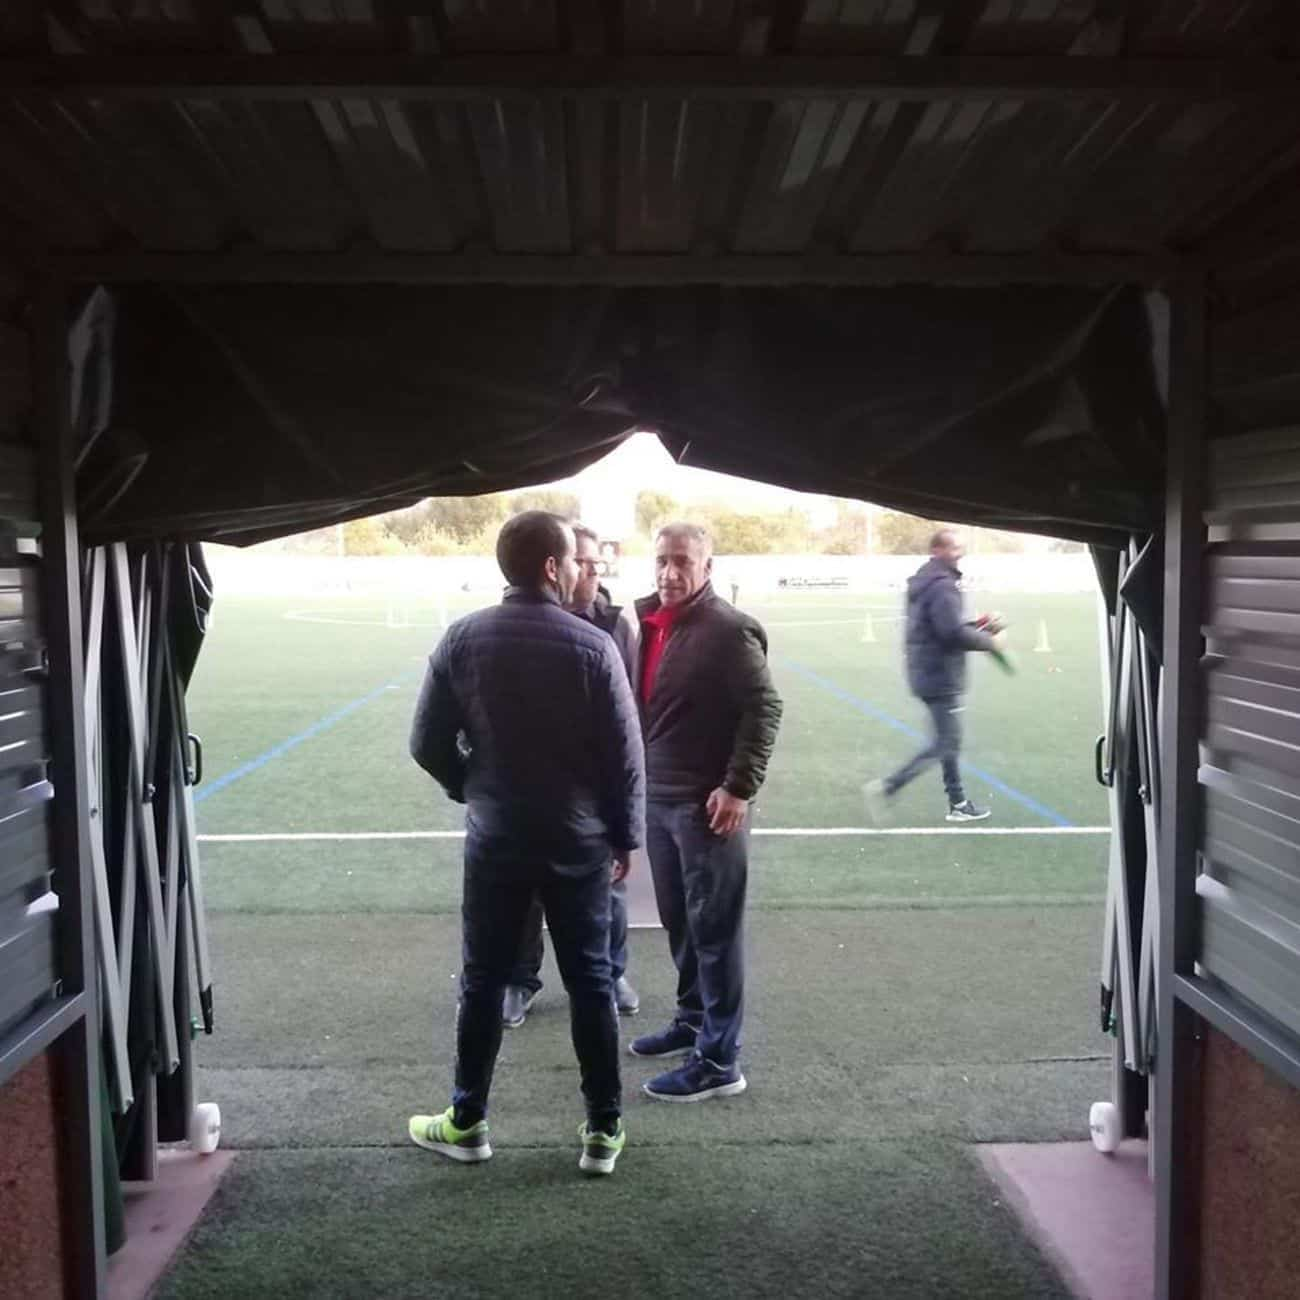 mejoras campo futbol herencia 6 - Mejoras en las instalaciones del campo de fútbol de Herencia